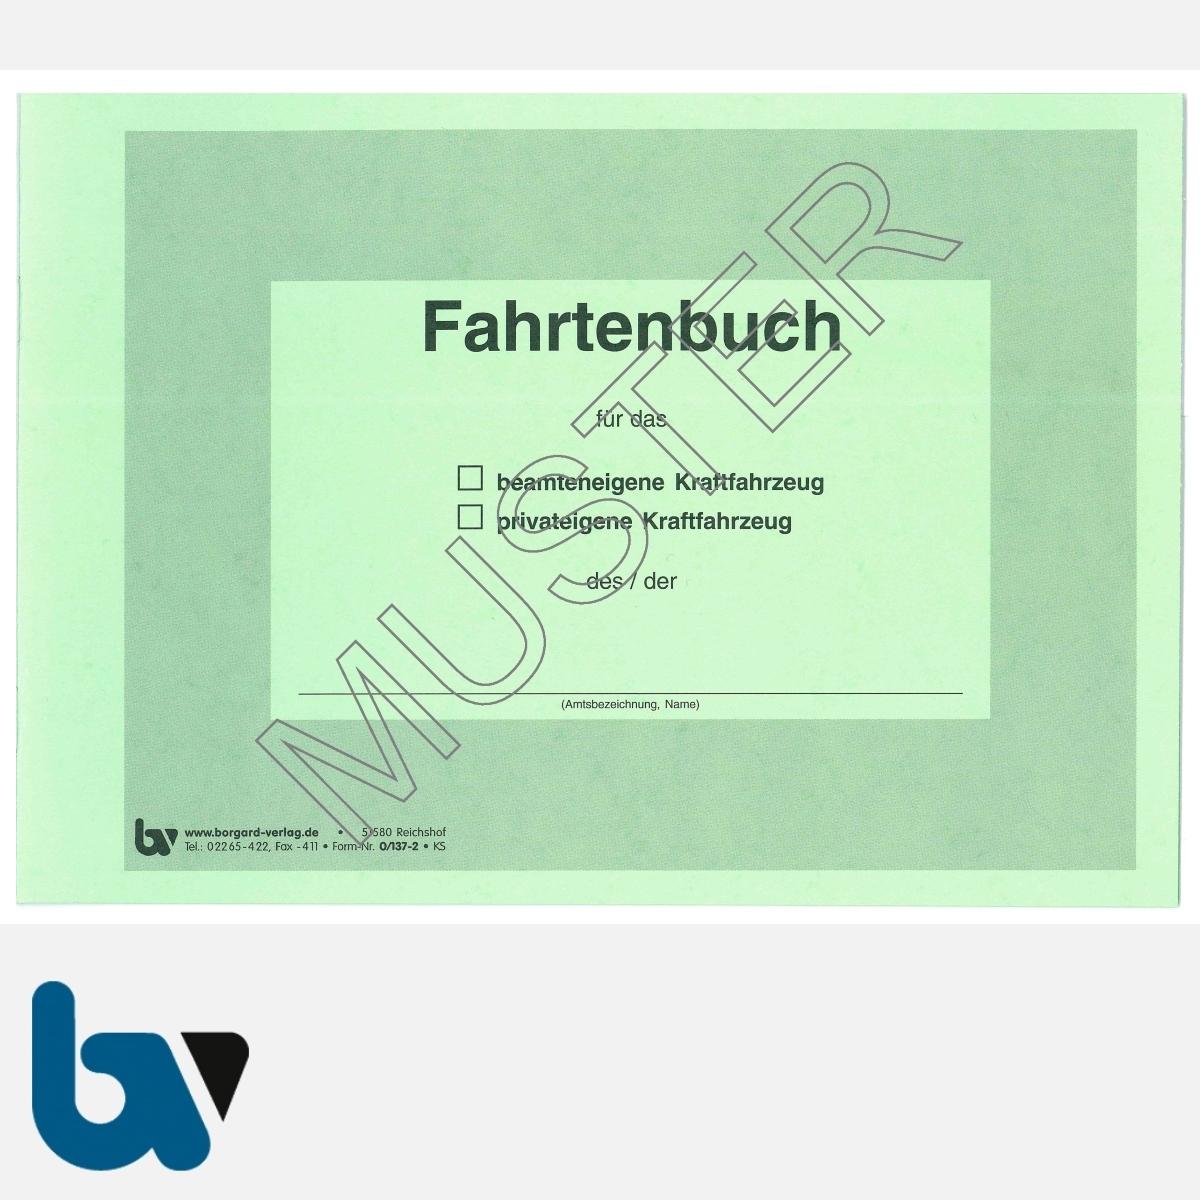 0/137-2 Fahrtenbuch beamteneigene privateigene Fahrzeug Dienstreise dienstlich Verwaltung Behörde DIN A5 Seite 1 | Borgard Verlag GmbH